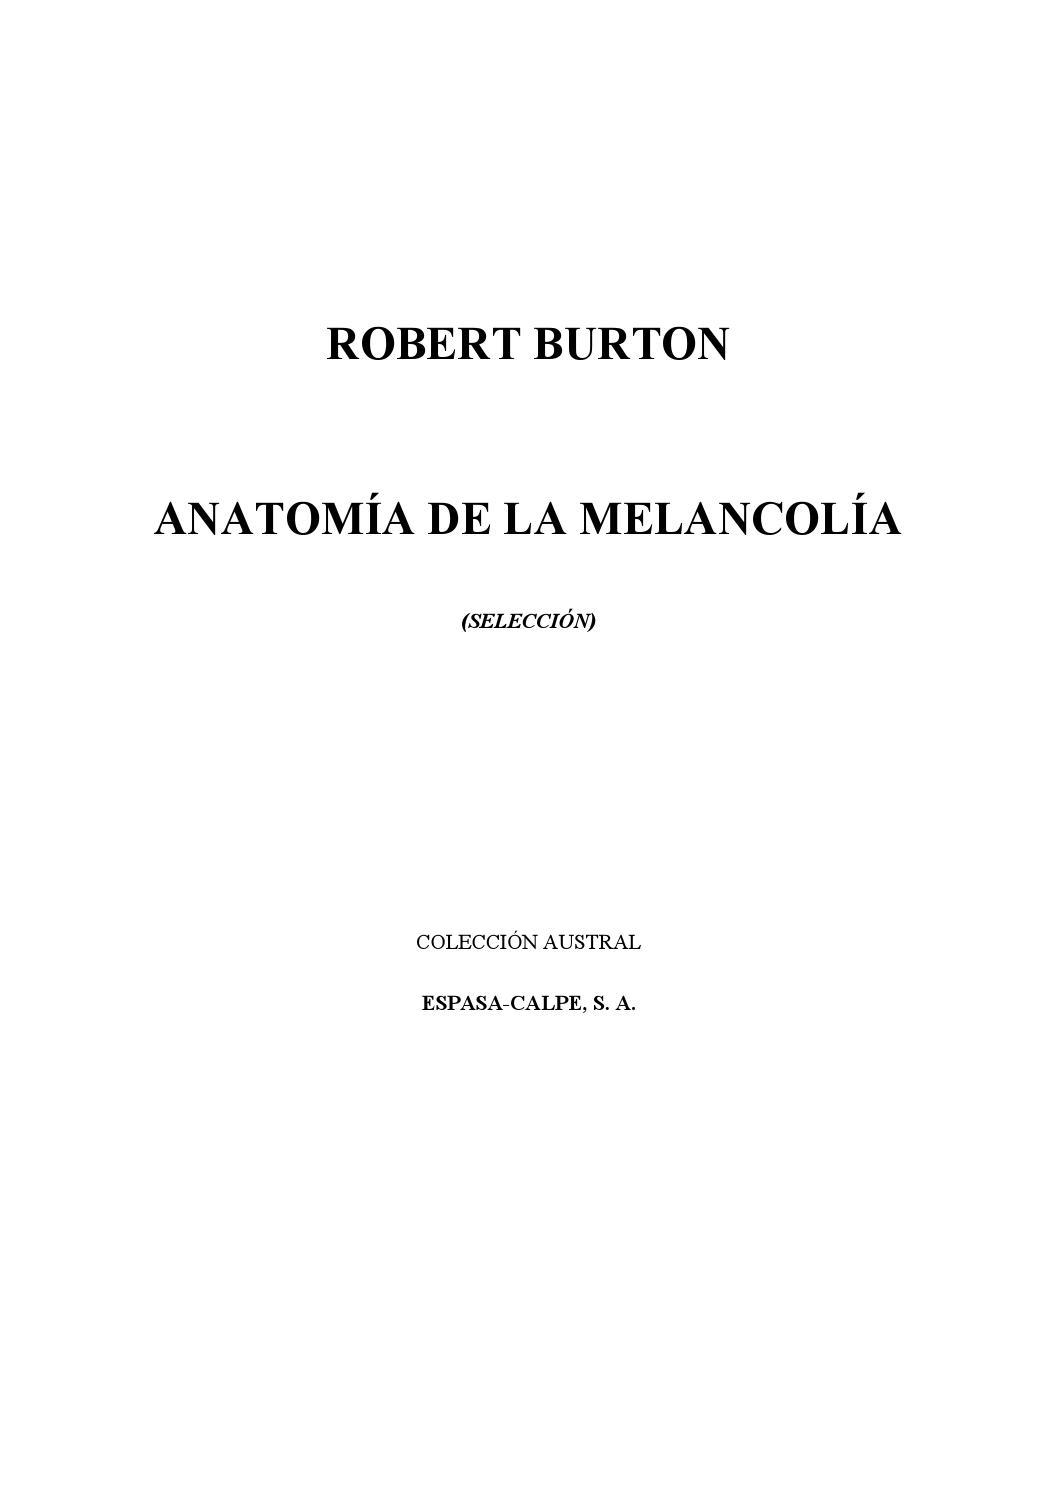 Anatomía de la melancolía robert burton by Gina Rodas - issuu